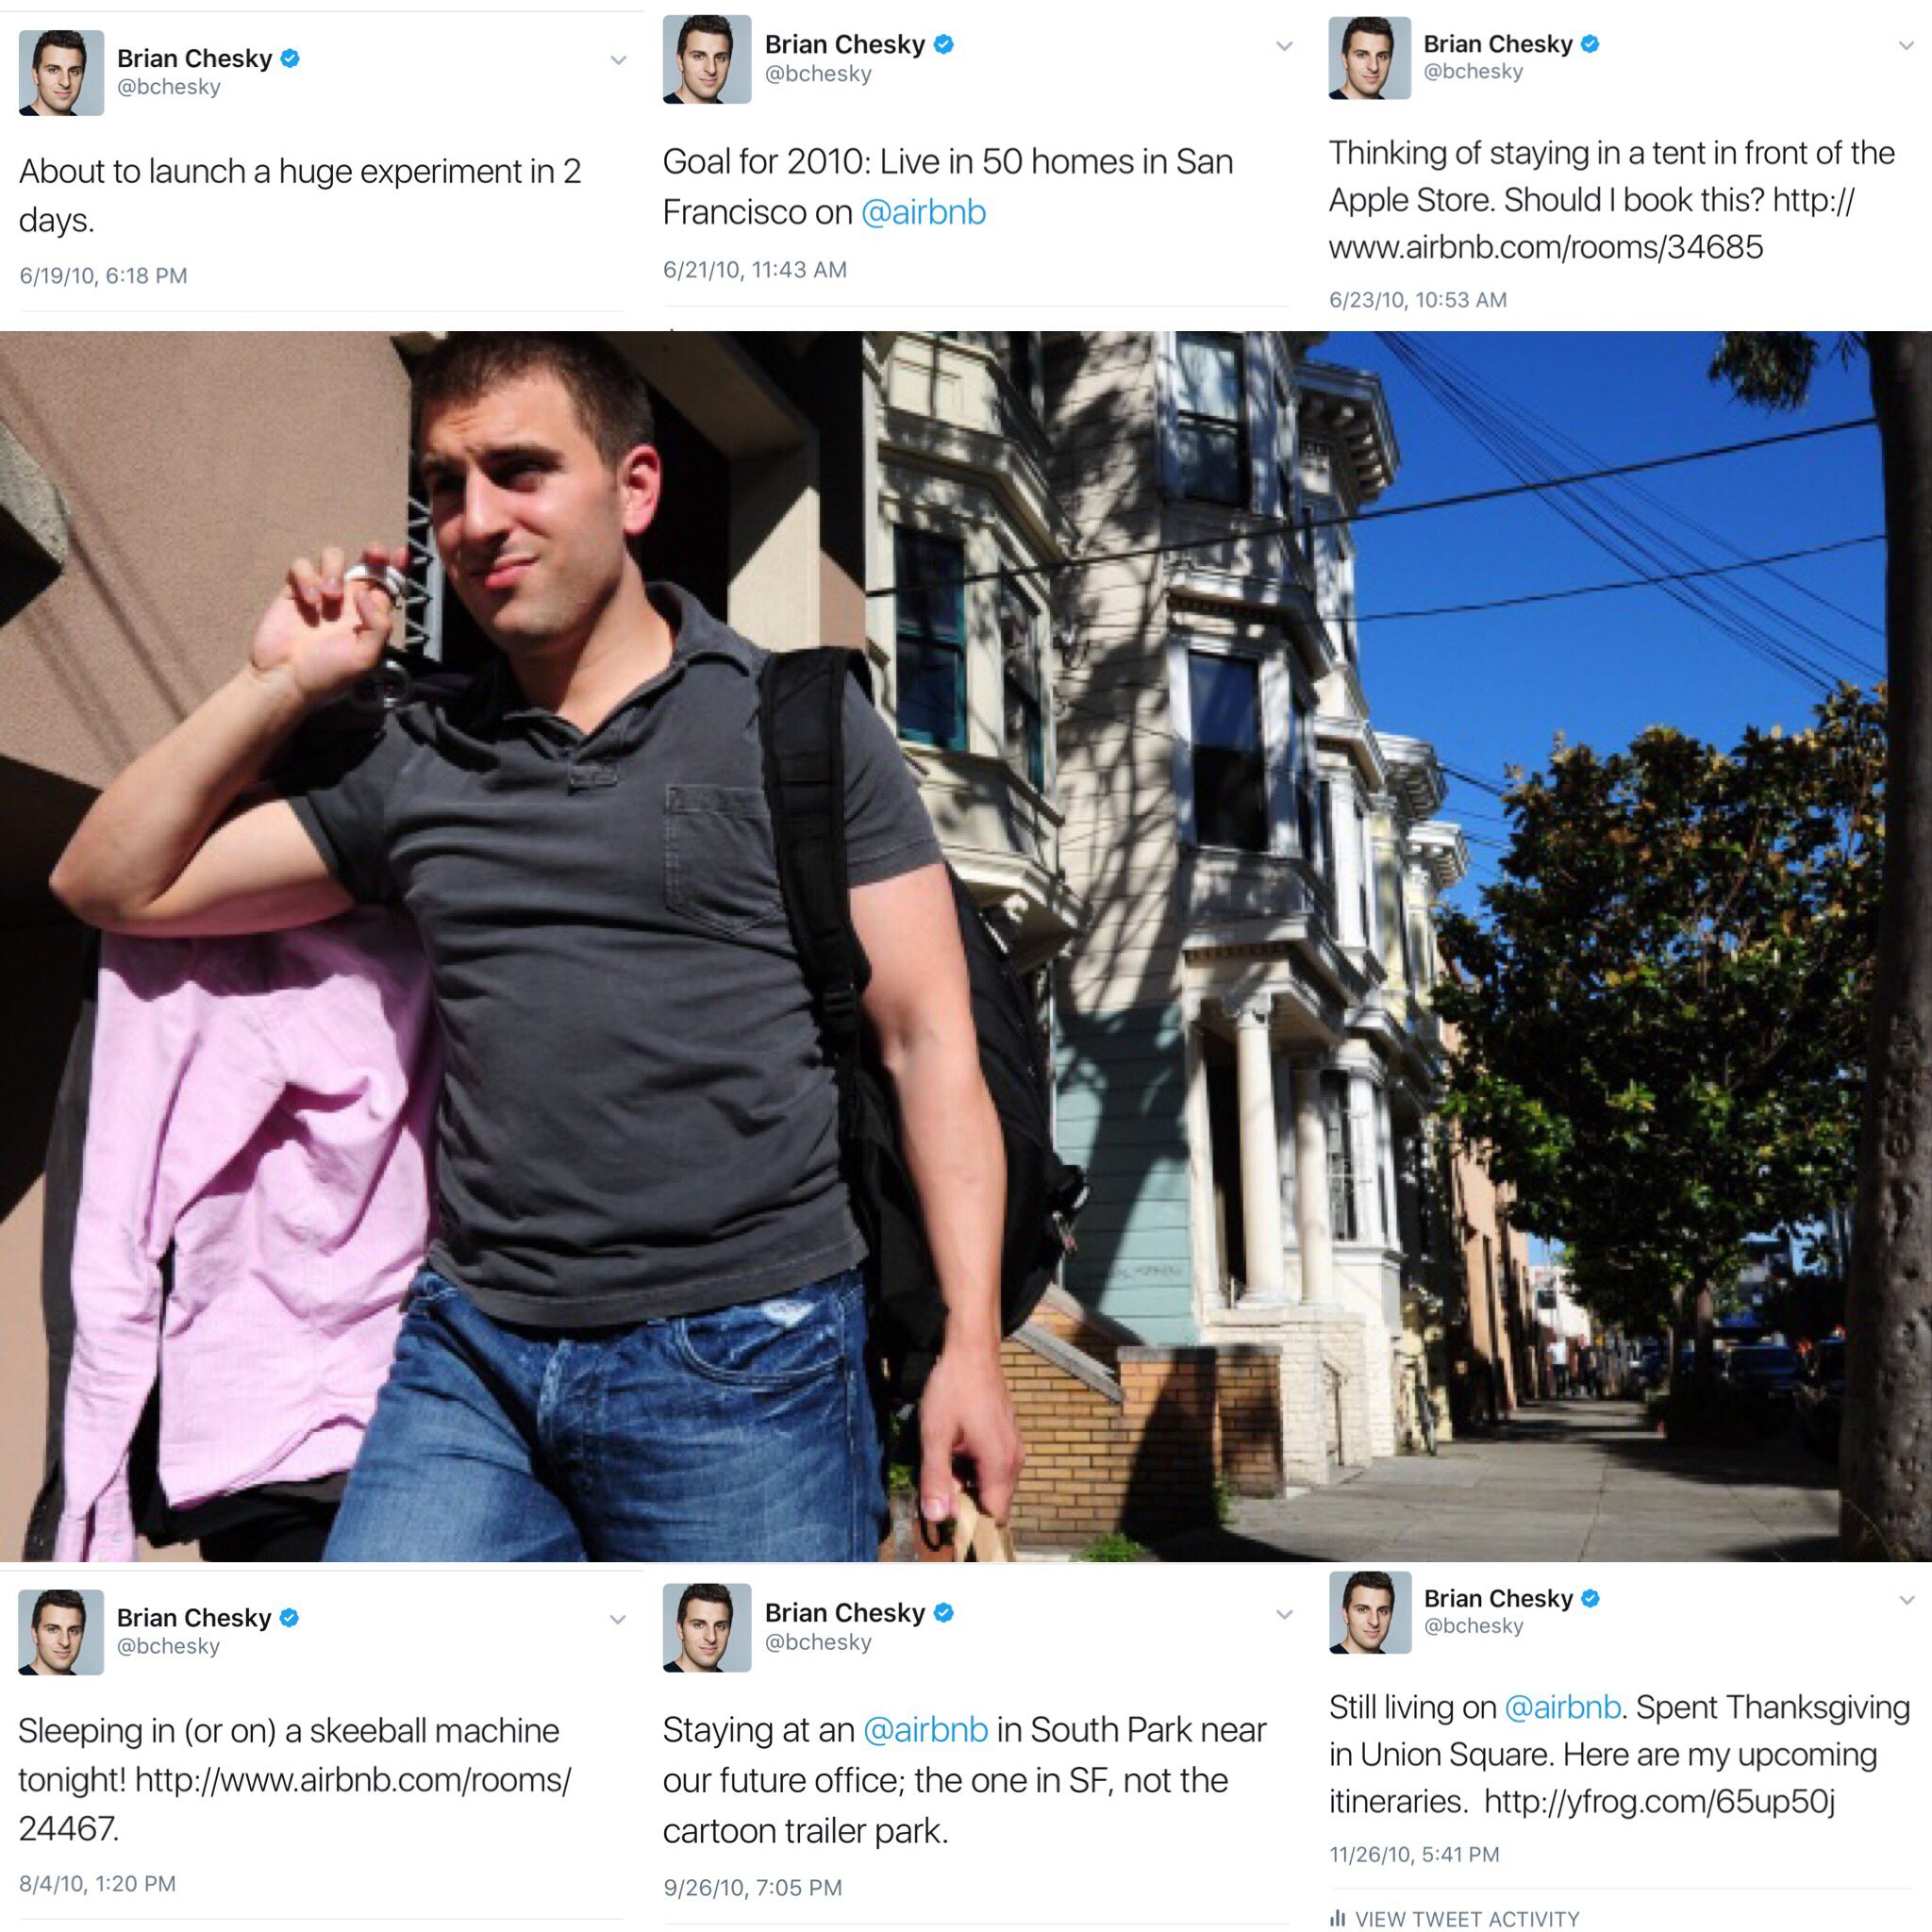 Le patron d' AirbnB a donné sa maison et s'est logé en airbnb pendant 1 an #airbnb #voyage